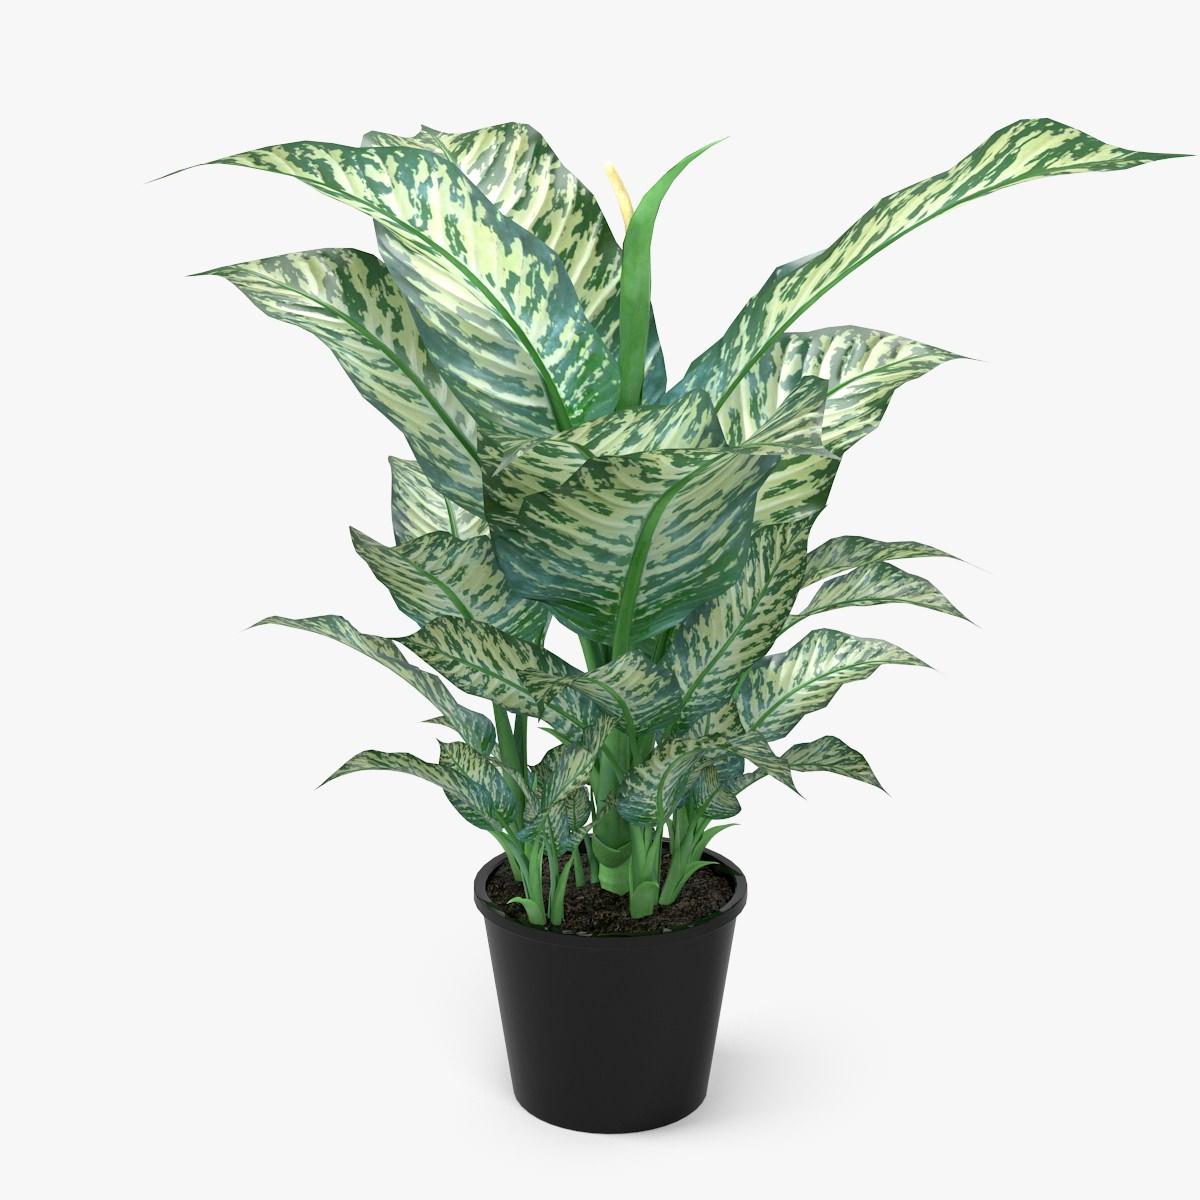 Dieffenbachia Picta Plant 3d Model Max Obj Fbx C4d